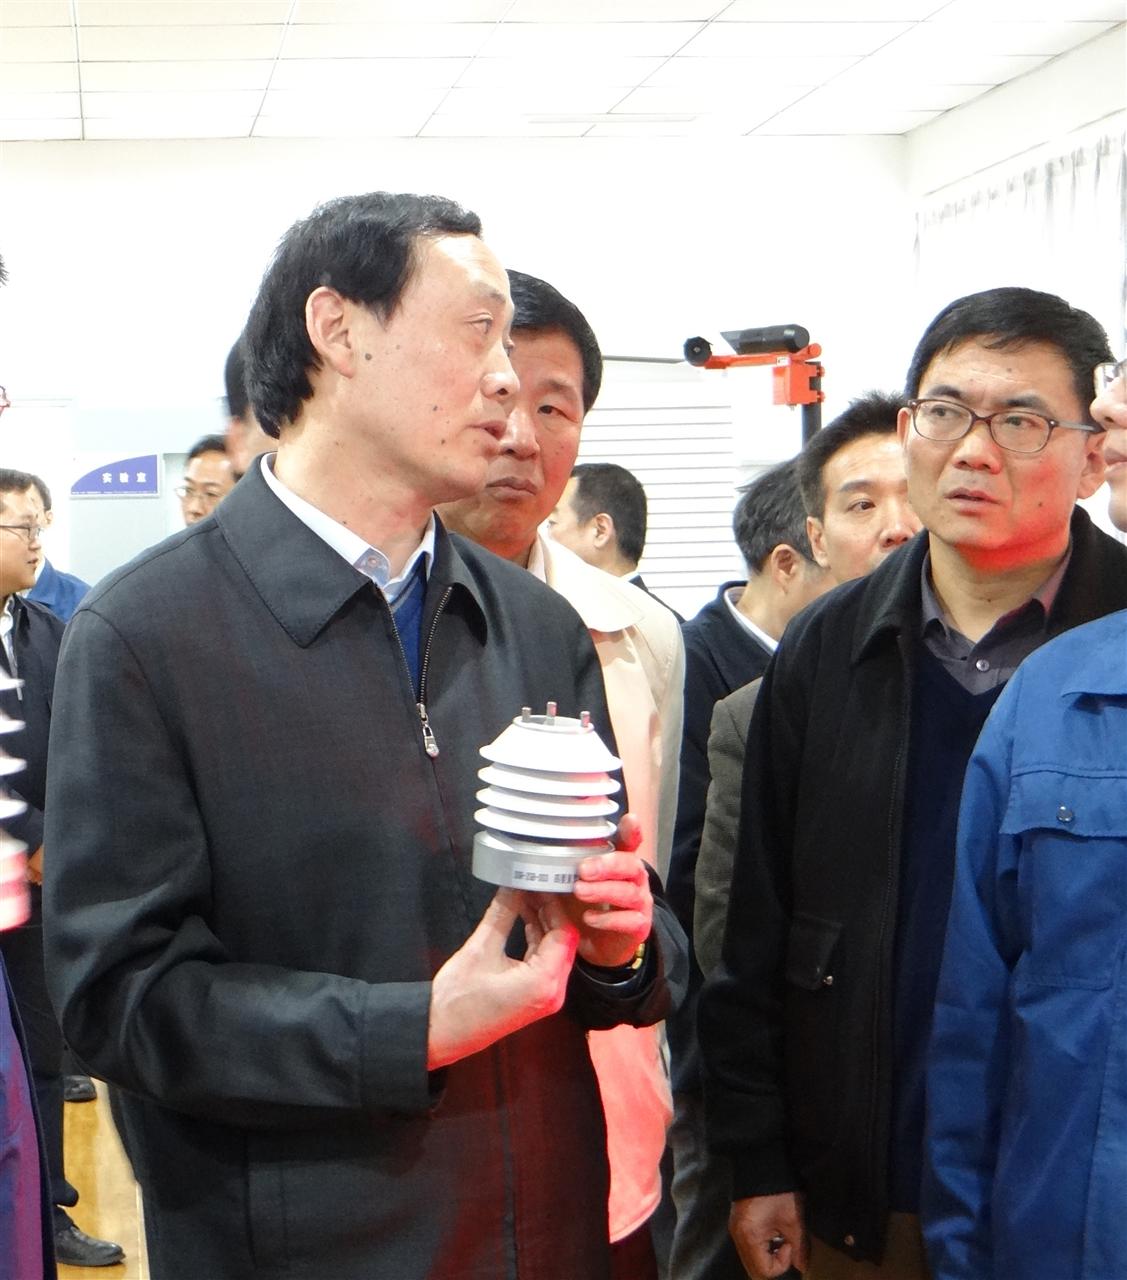 农业部副部长盛赞富景天策设施农业气象监测管控系统